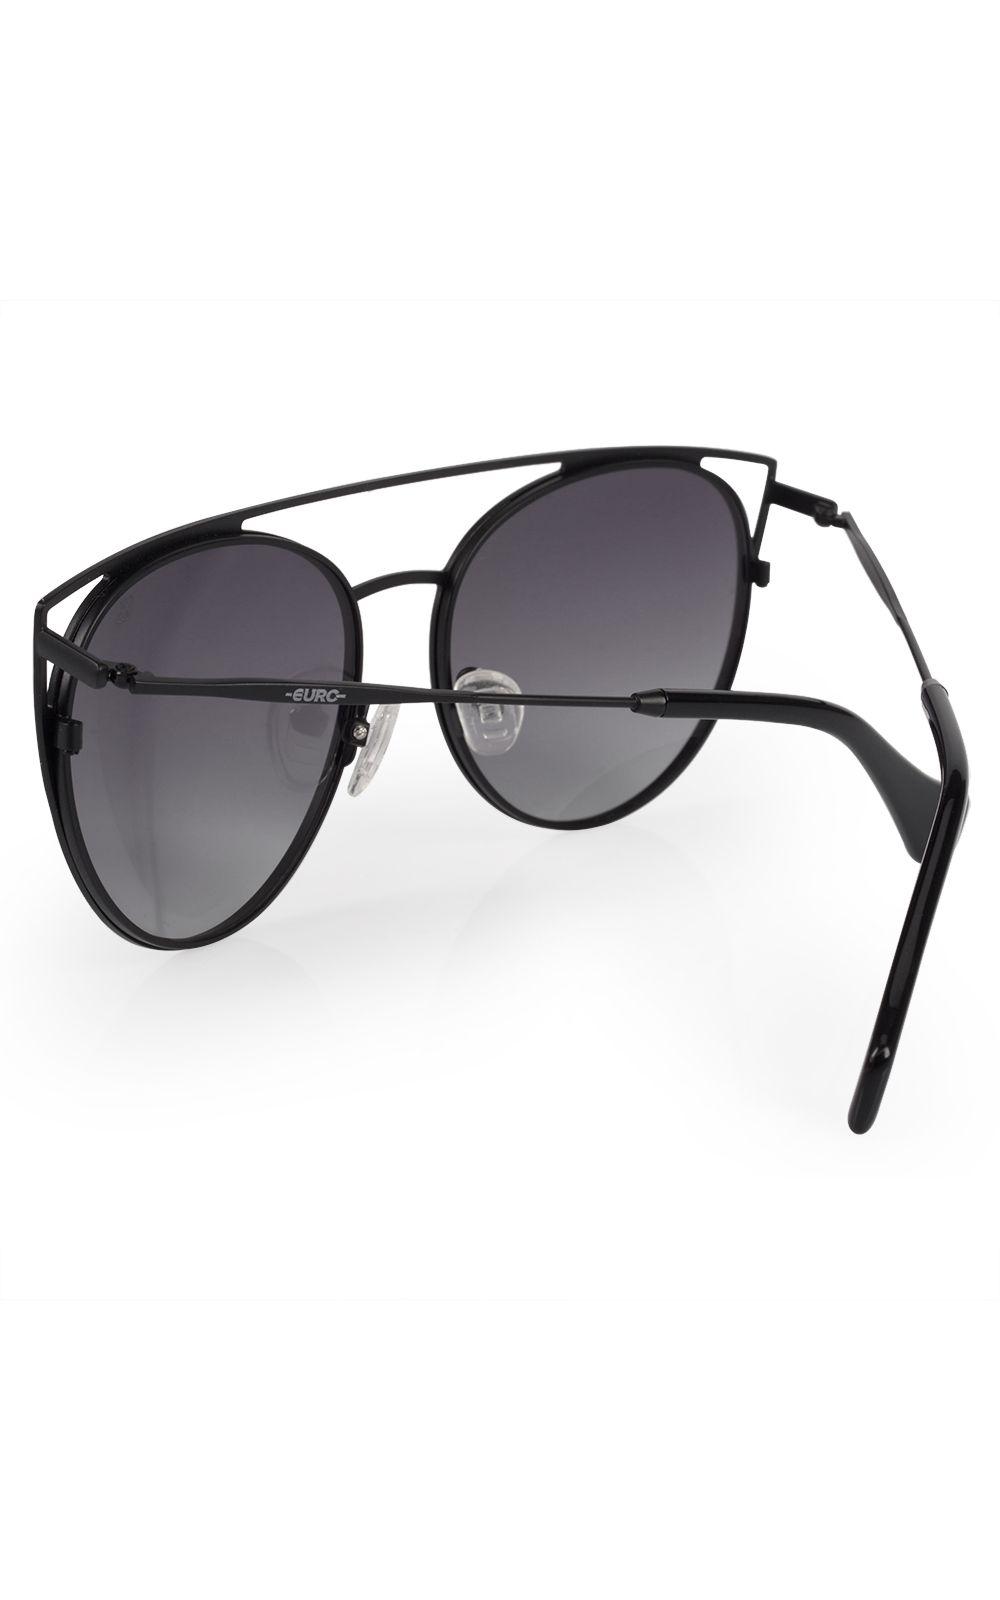 Foto 3 - Óculos Euro Feminino Recortes Metalizados Preto E0015A1433/4P